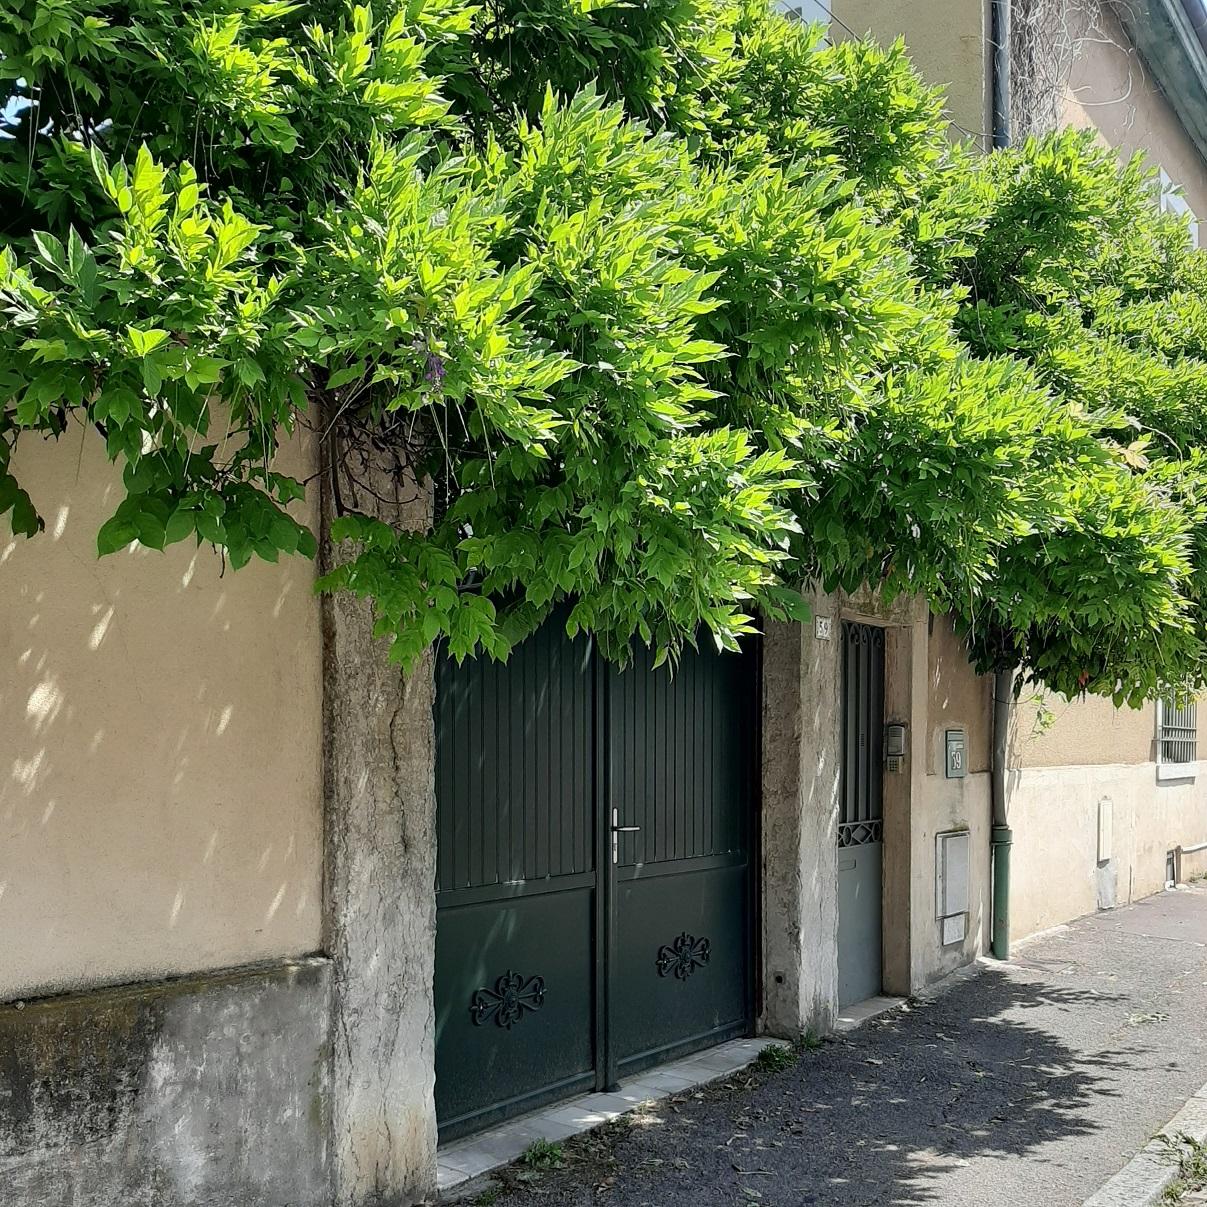 Un joli portail dans le quartier de Montchat, à Lyon